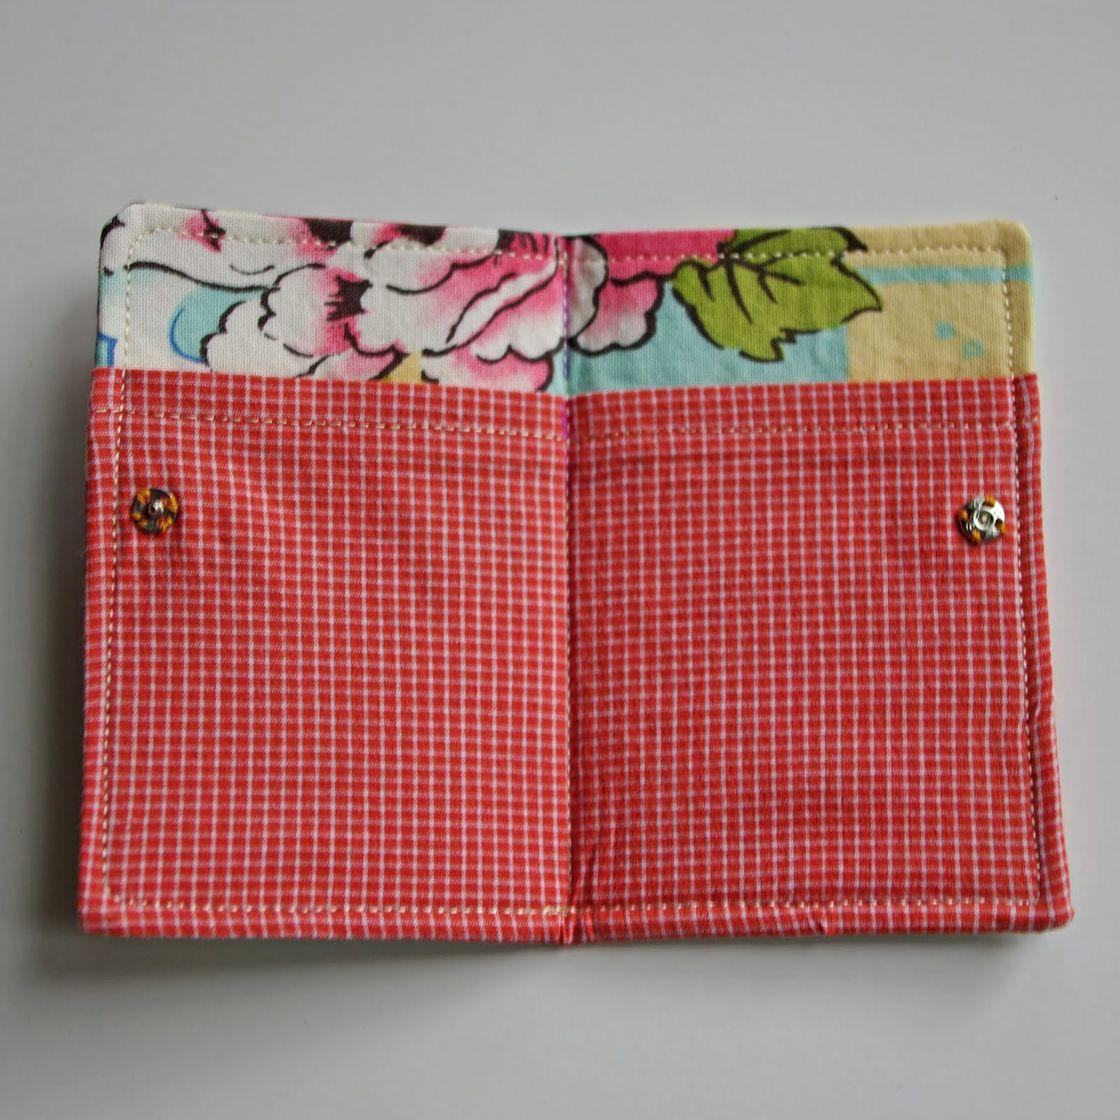 Card Holder Wallet Tutorial